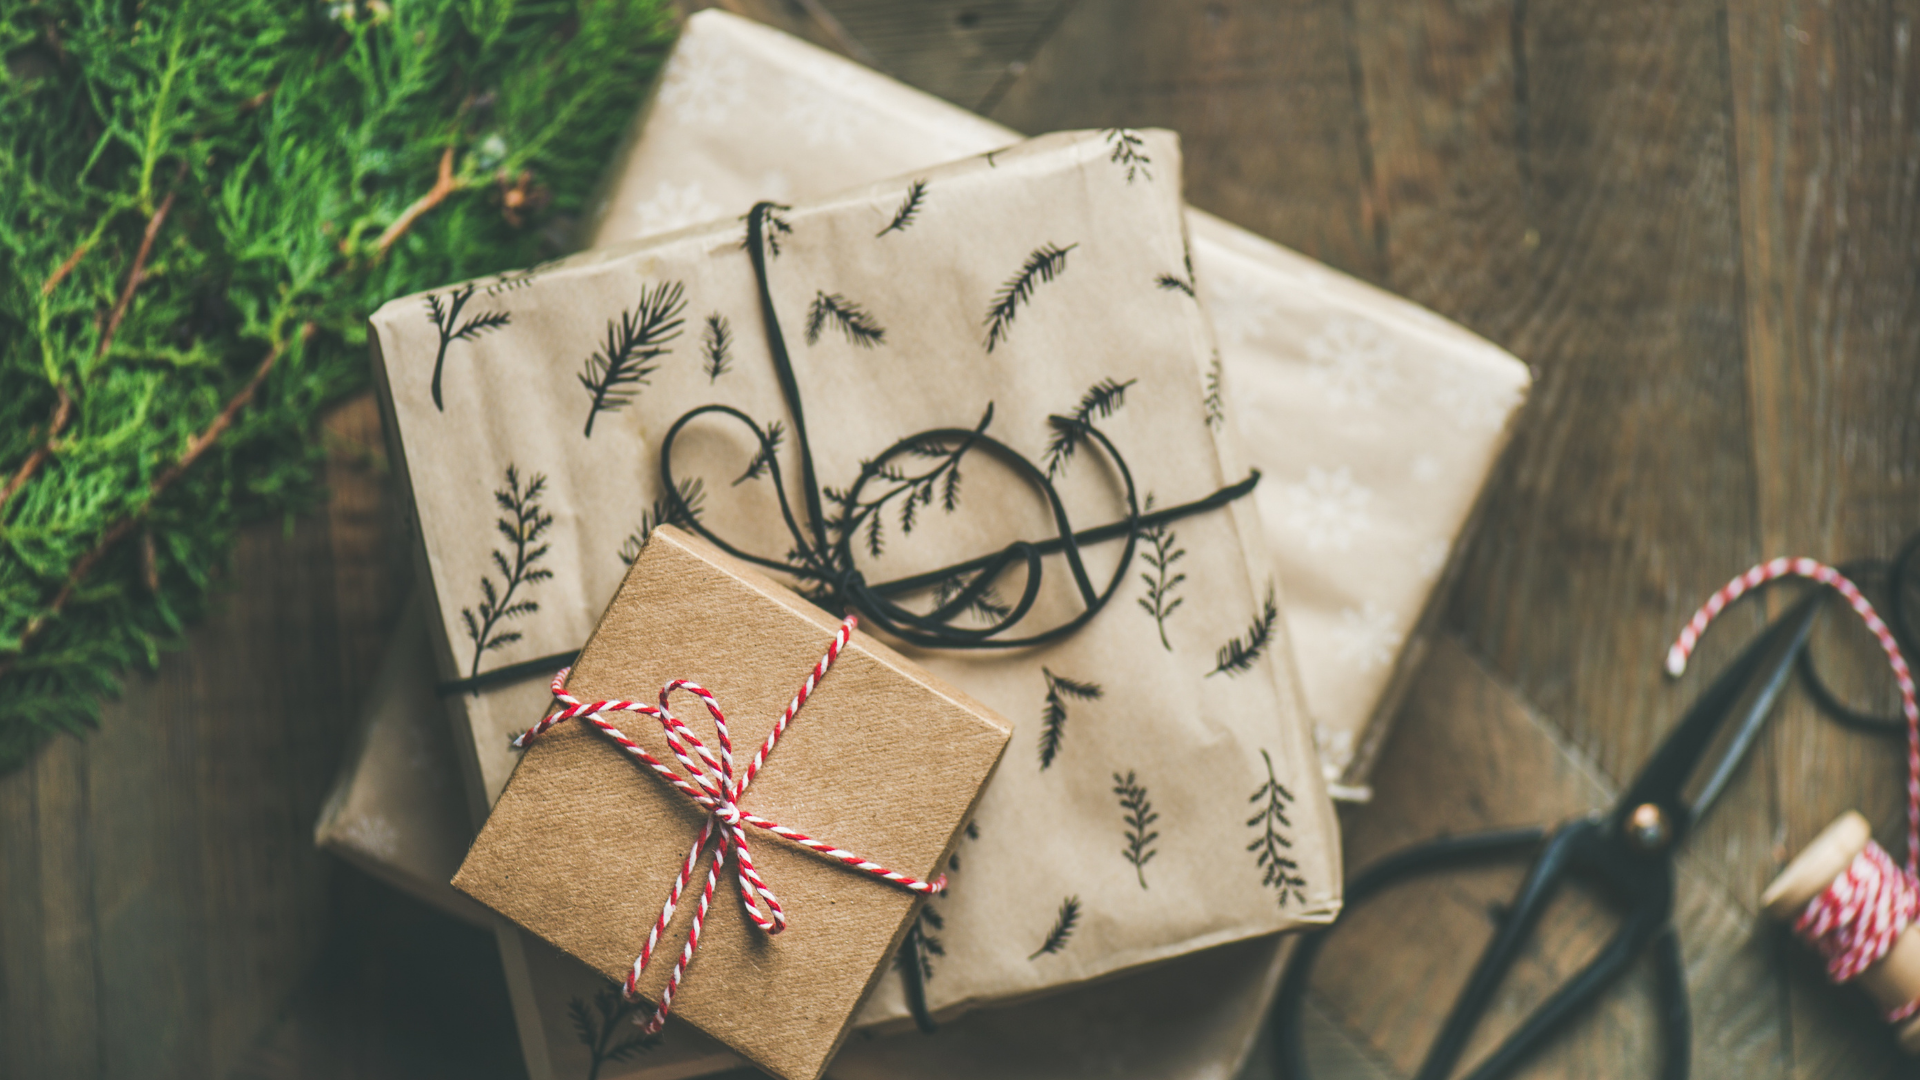 Calzado ecológico y vegano: el mejor regalo eco friendly para estas navidades